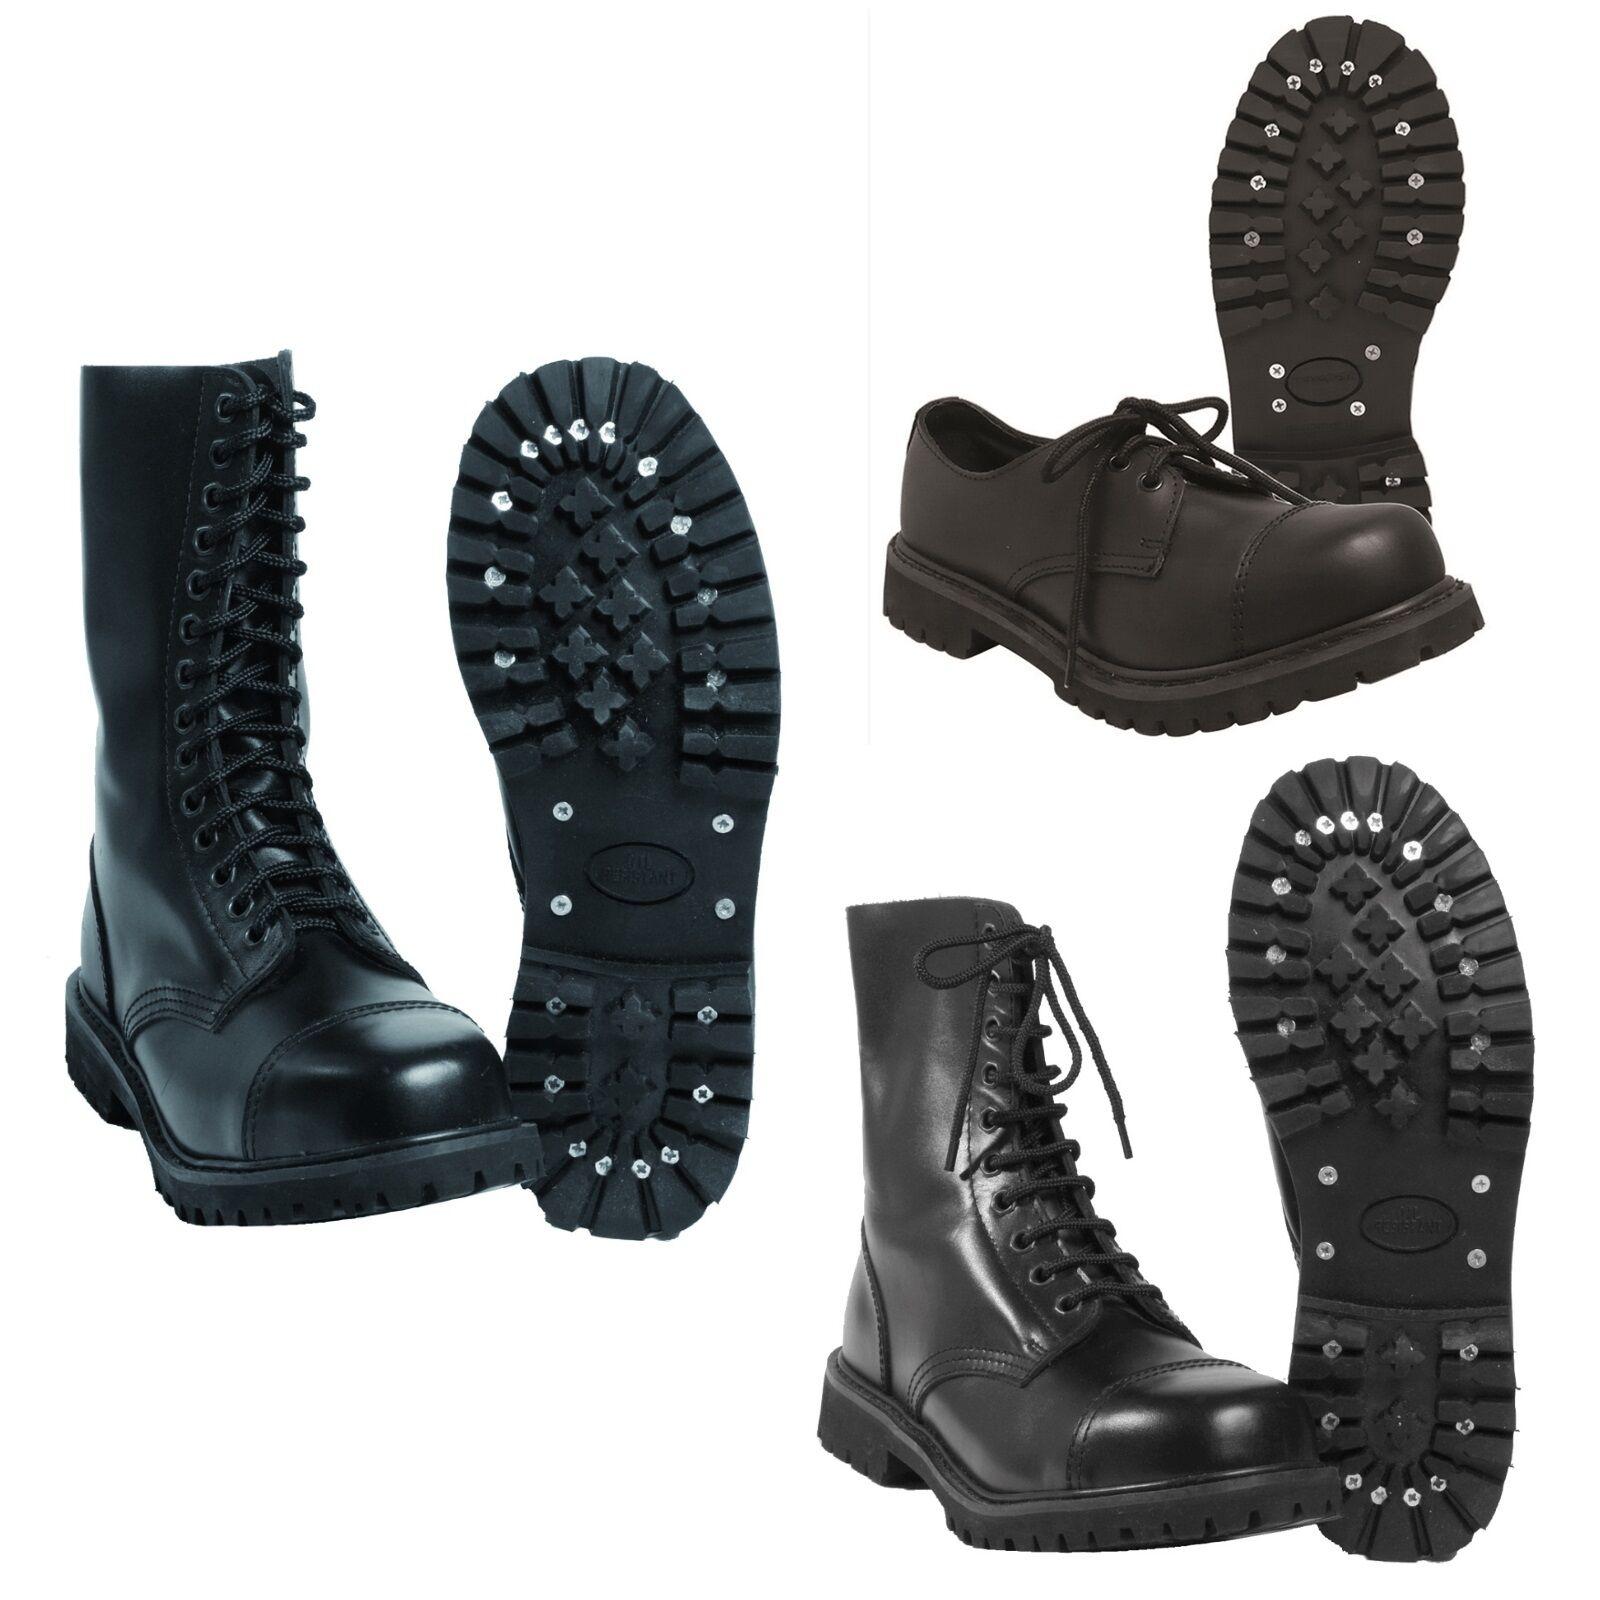 Mil-Tec - Invader verschieden Loch Stiefel Boots Schwarz Stahlkappe Leder Schuhe